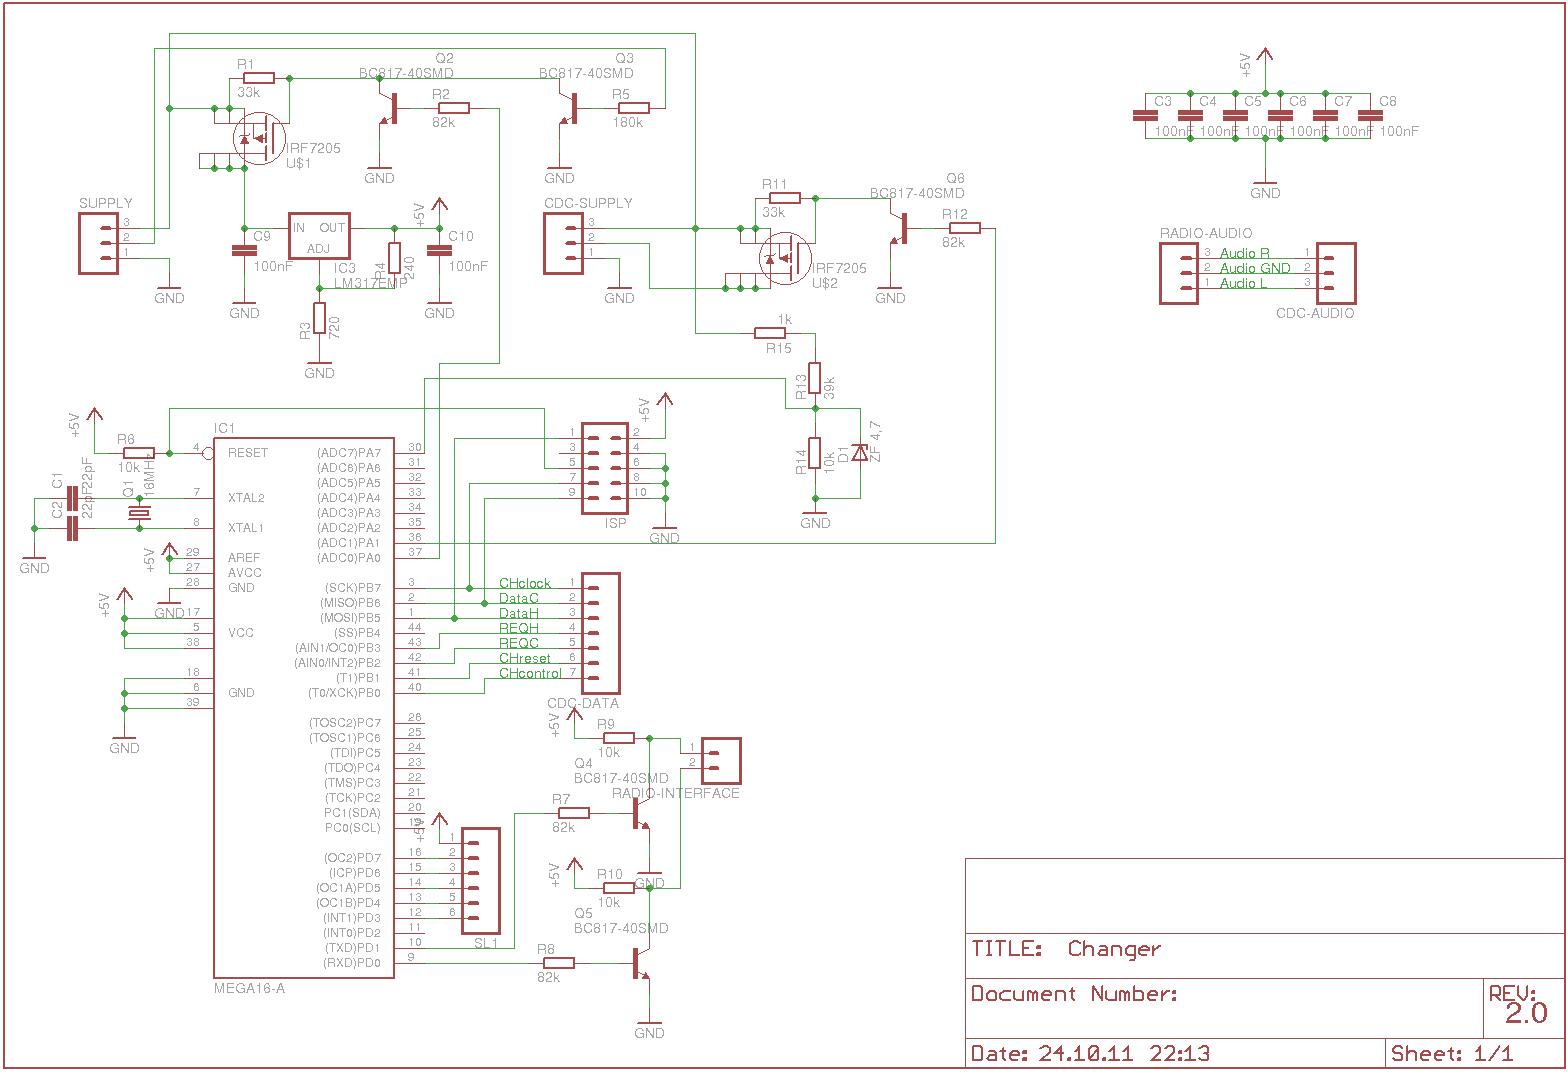 Ausgezeichnet Schaltplan Für Autoradio Ideen - Elektrische ...